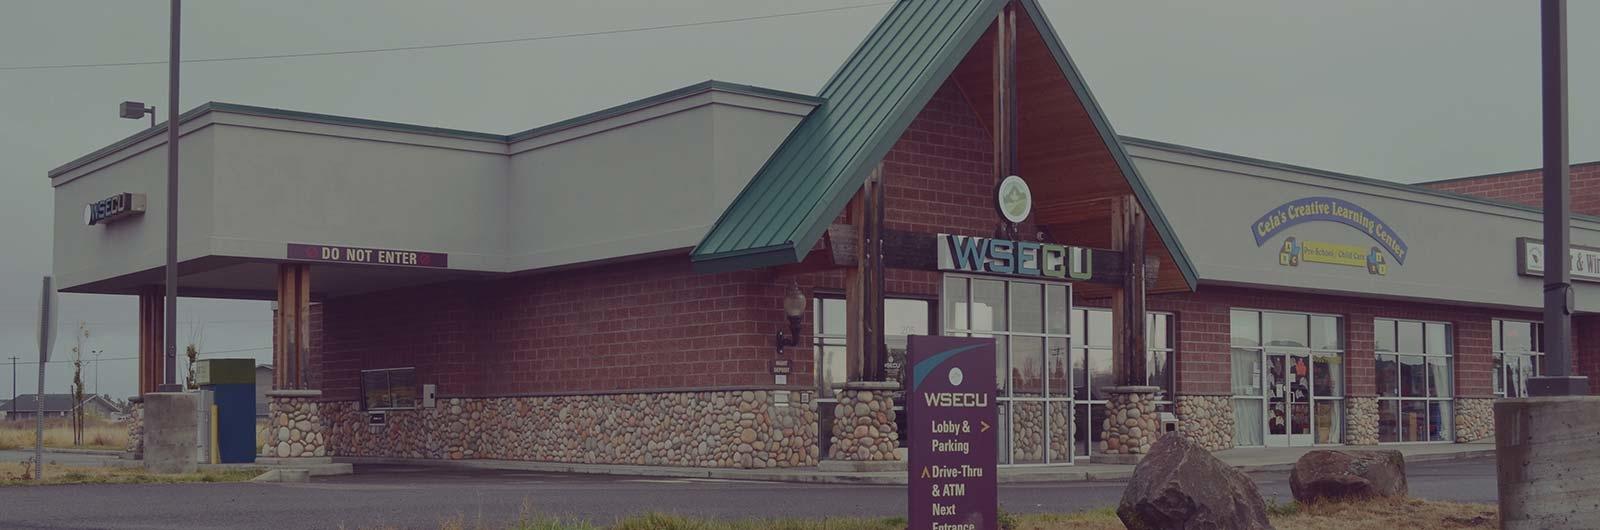 WSECU image 1